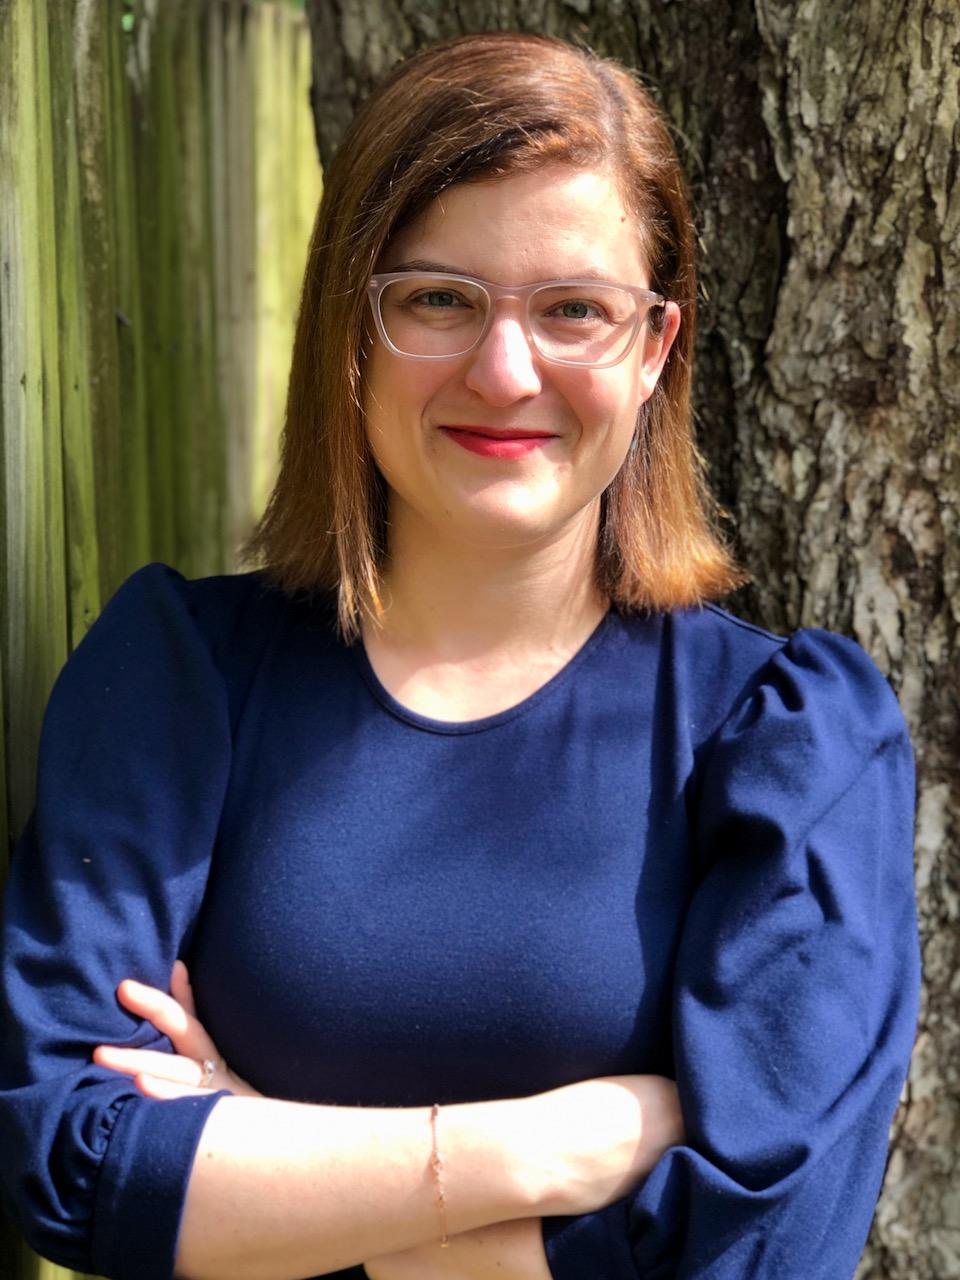 Kristina Saccone